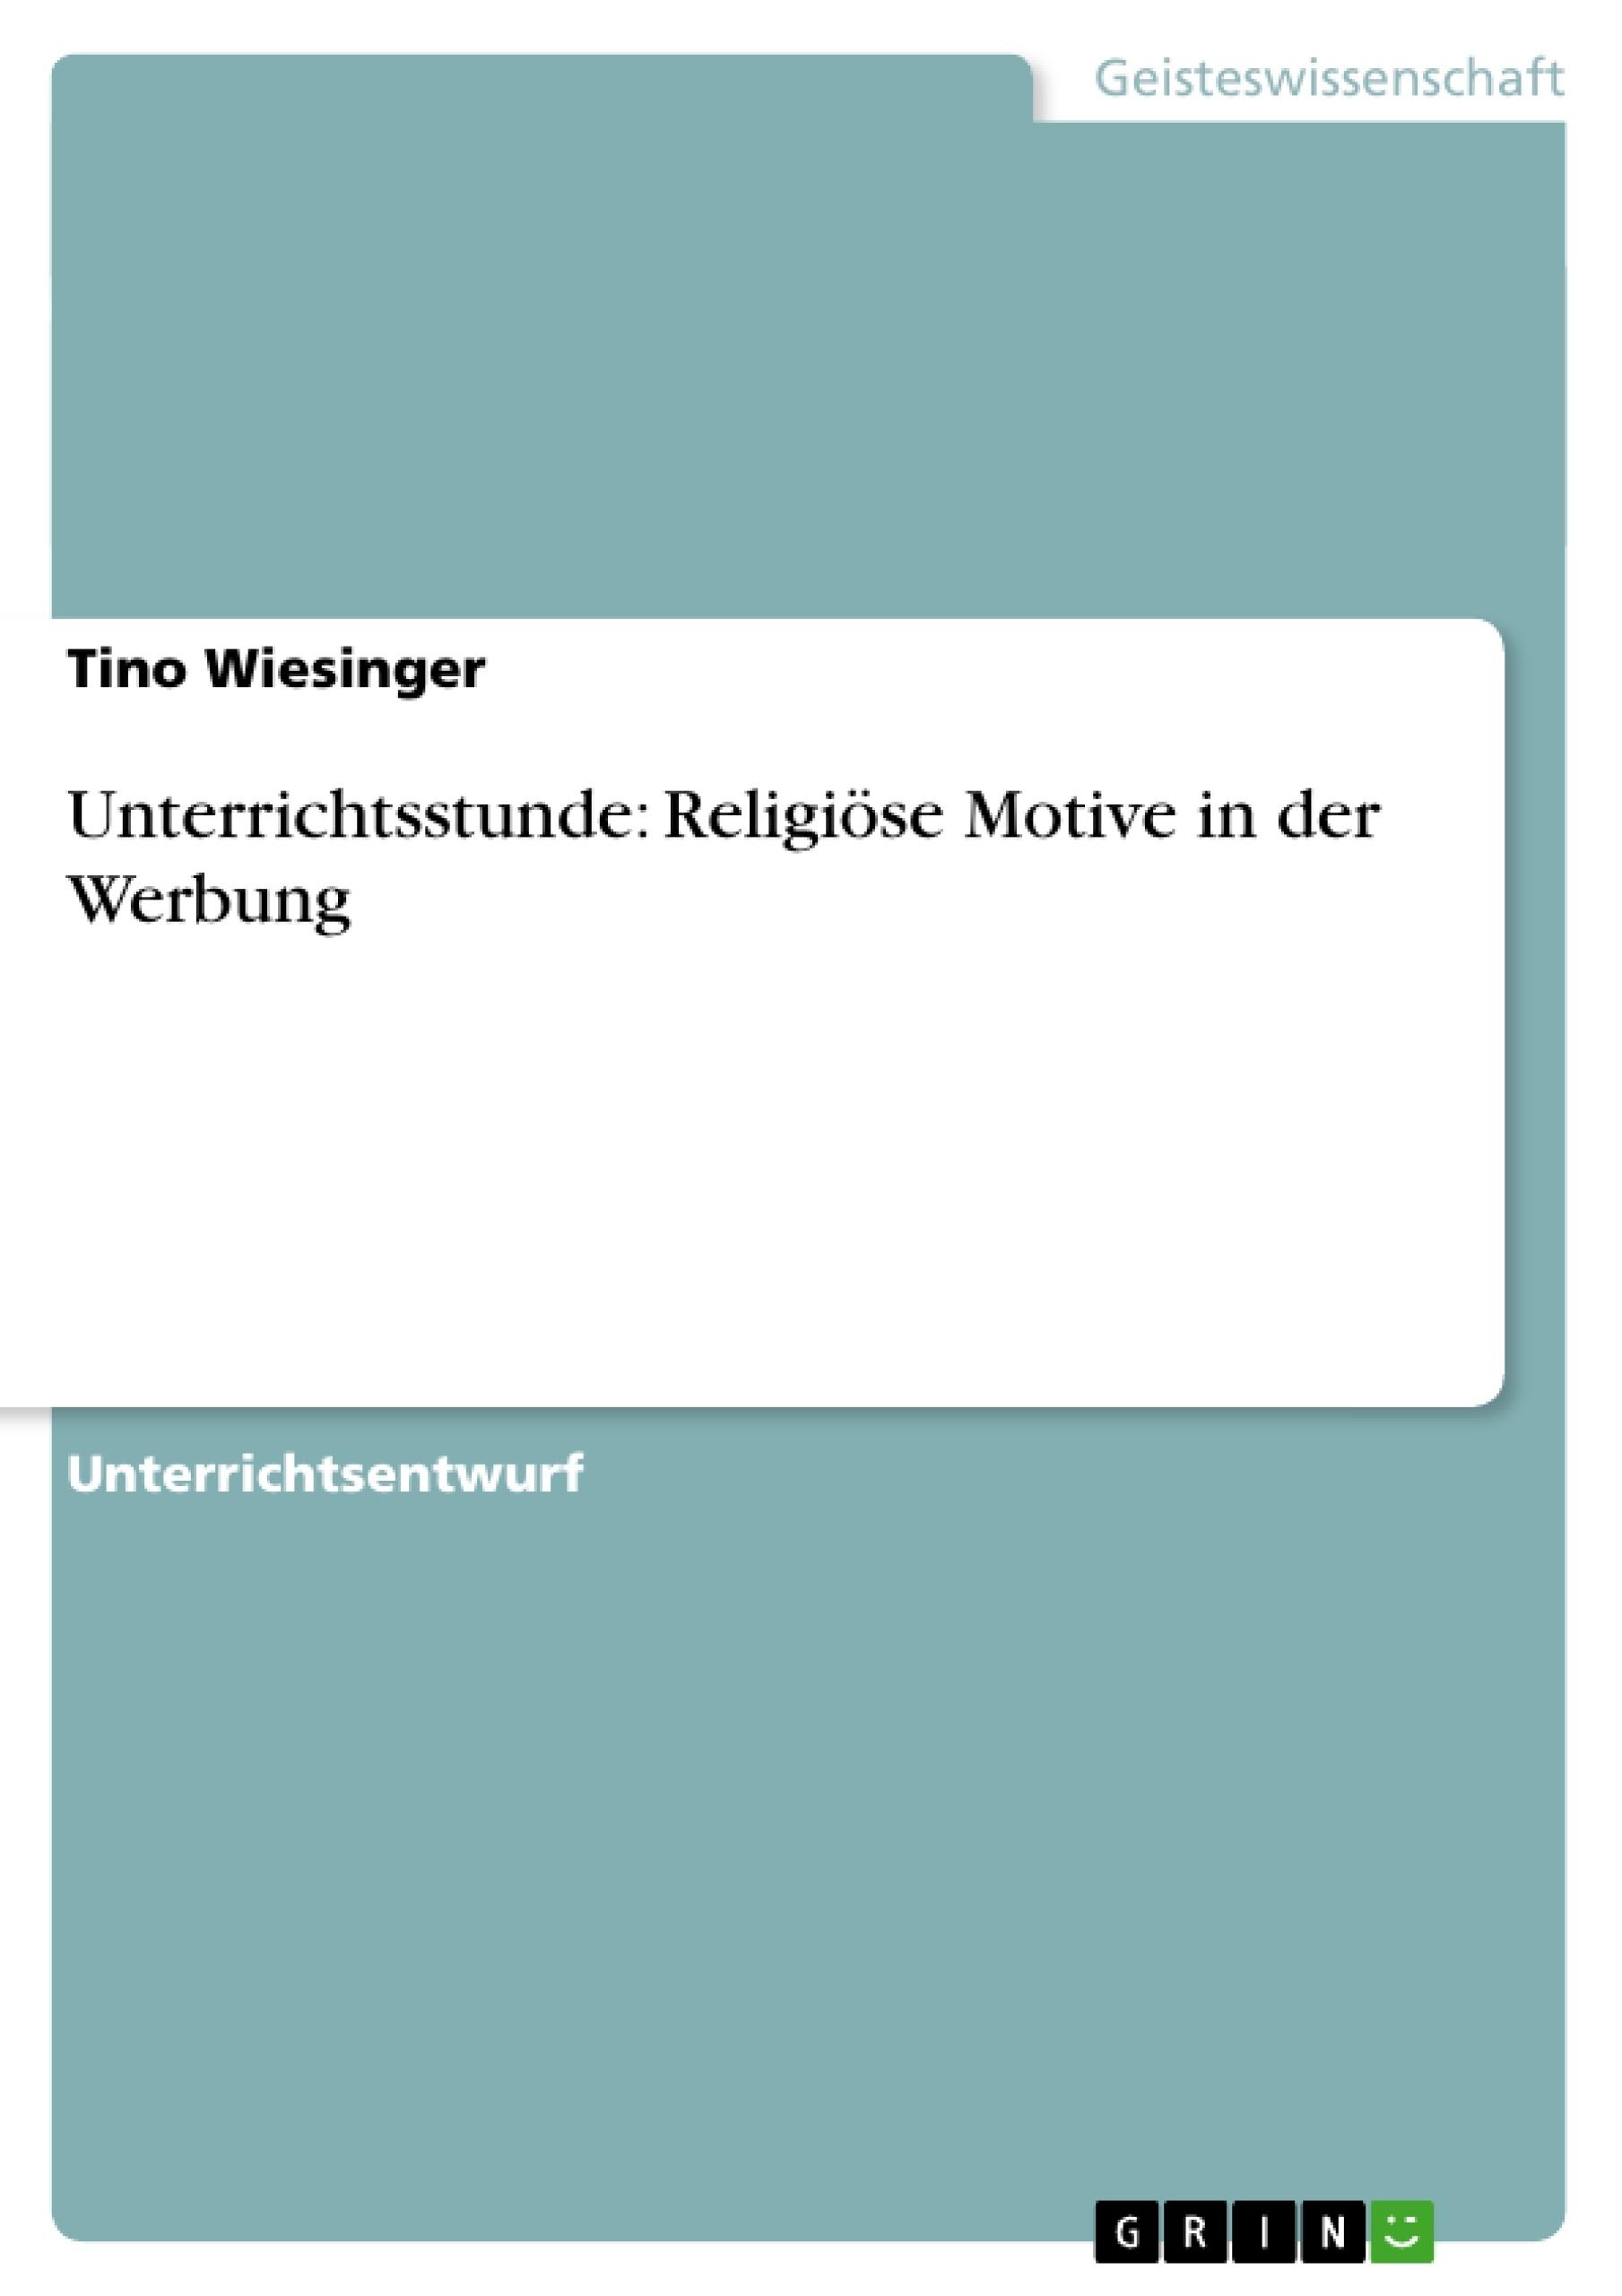 Titel: Unterrichtsstunde: Religiöse Motive in der Werbung